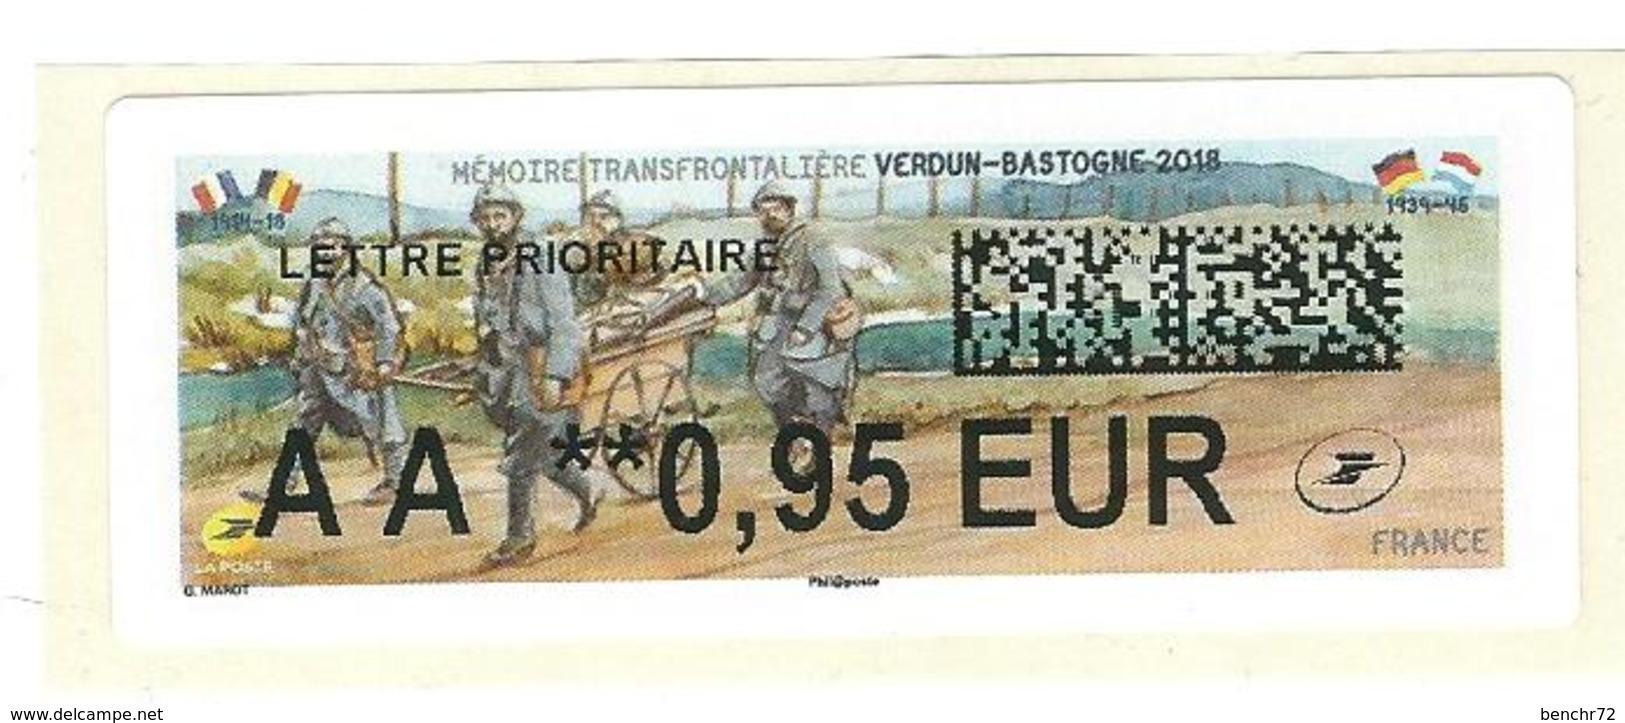 VIGNETTE LISA 2 - 2018 - Mémoire Transfrontalière VERDUN-BASTOGNE - MENTION AA 0.95 EUR - NEUF - 2010-... Vignette Illustrate